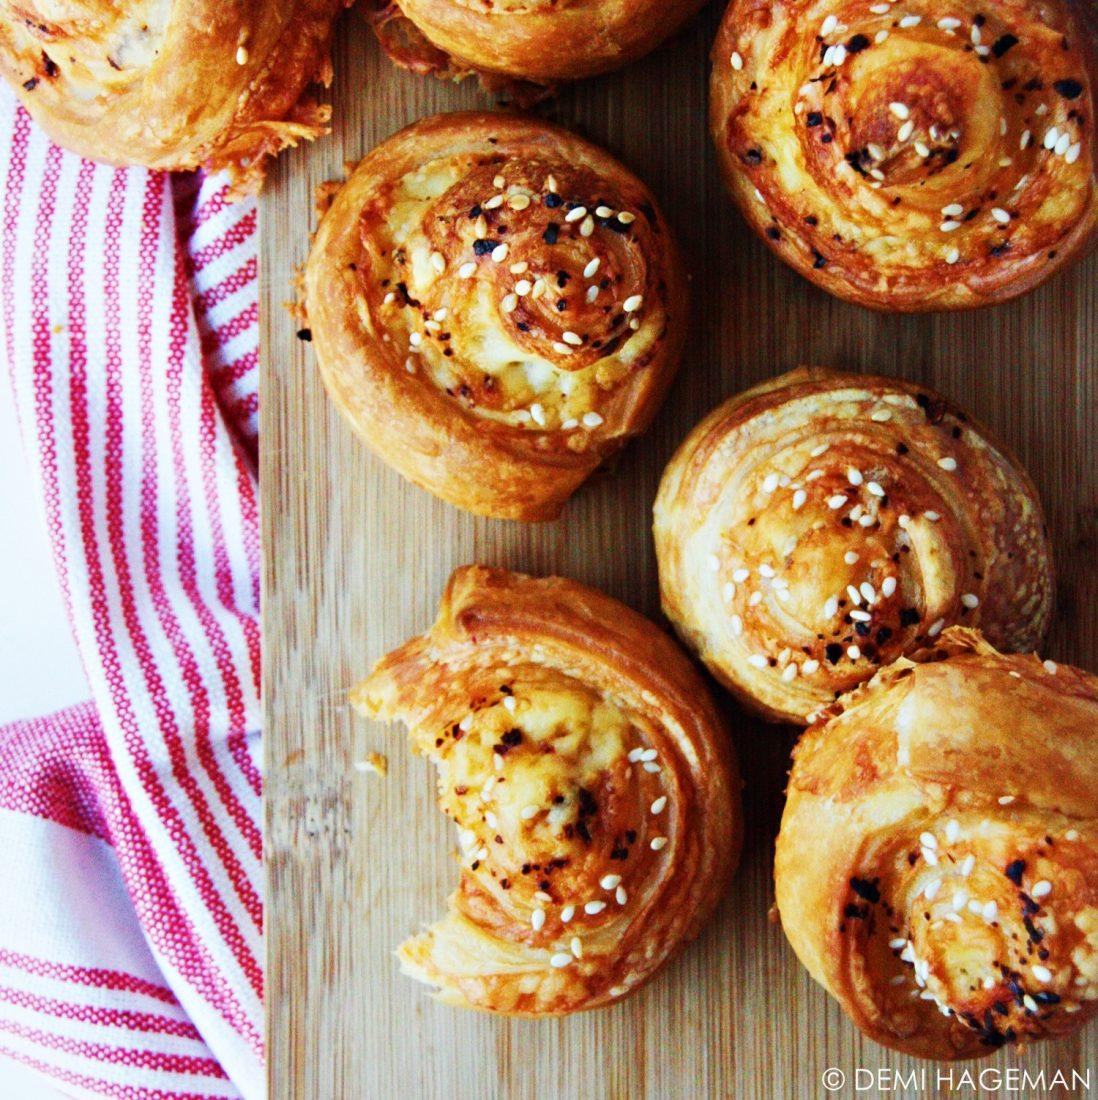 makkelijke kaasbroodjes voor bij de borrel Demi Hageman StudioKOOK.nl